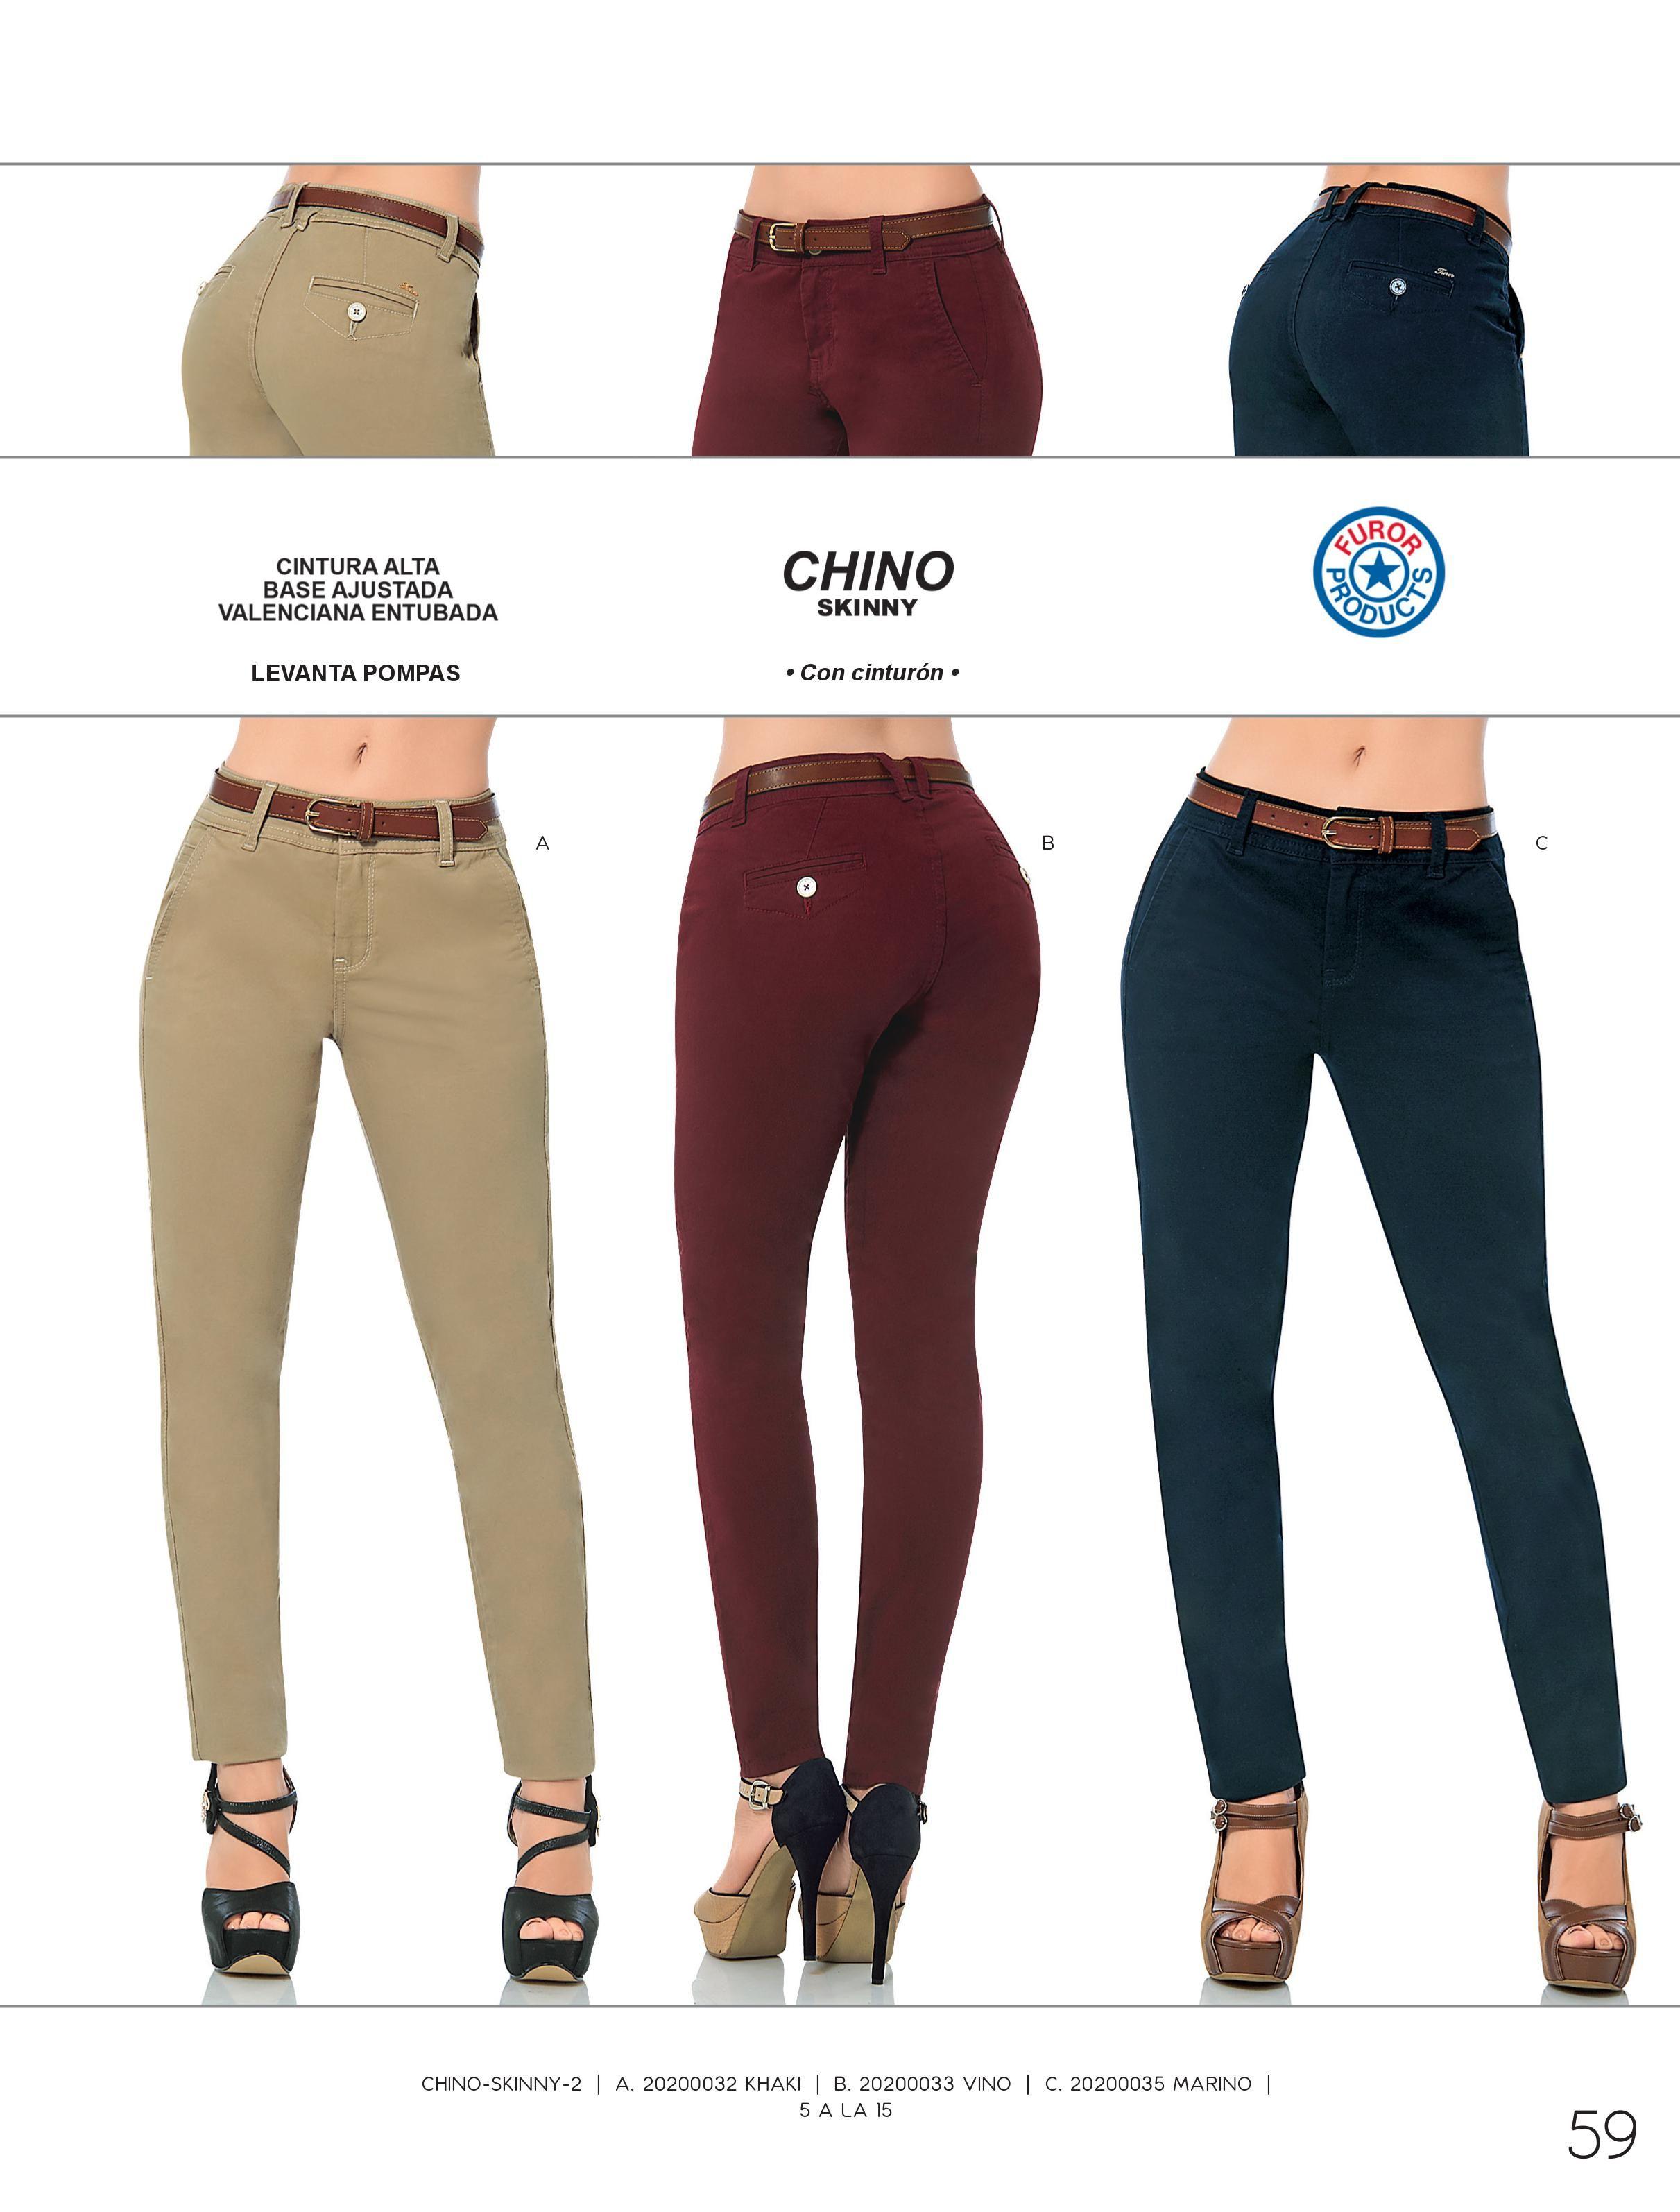 Pantalones Dama Tienda Online De Zapatos Ropa Y Complementos De Marca